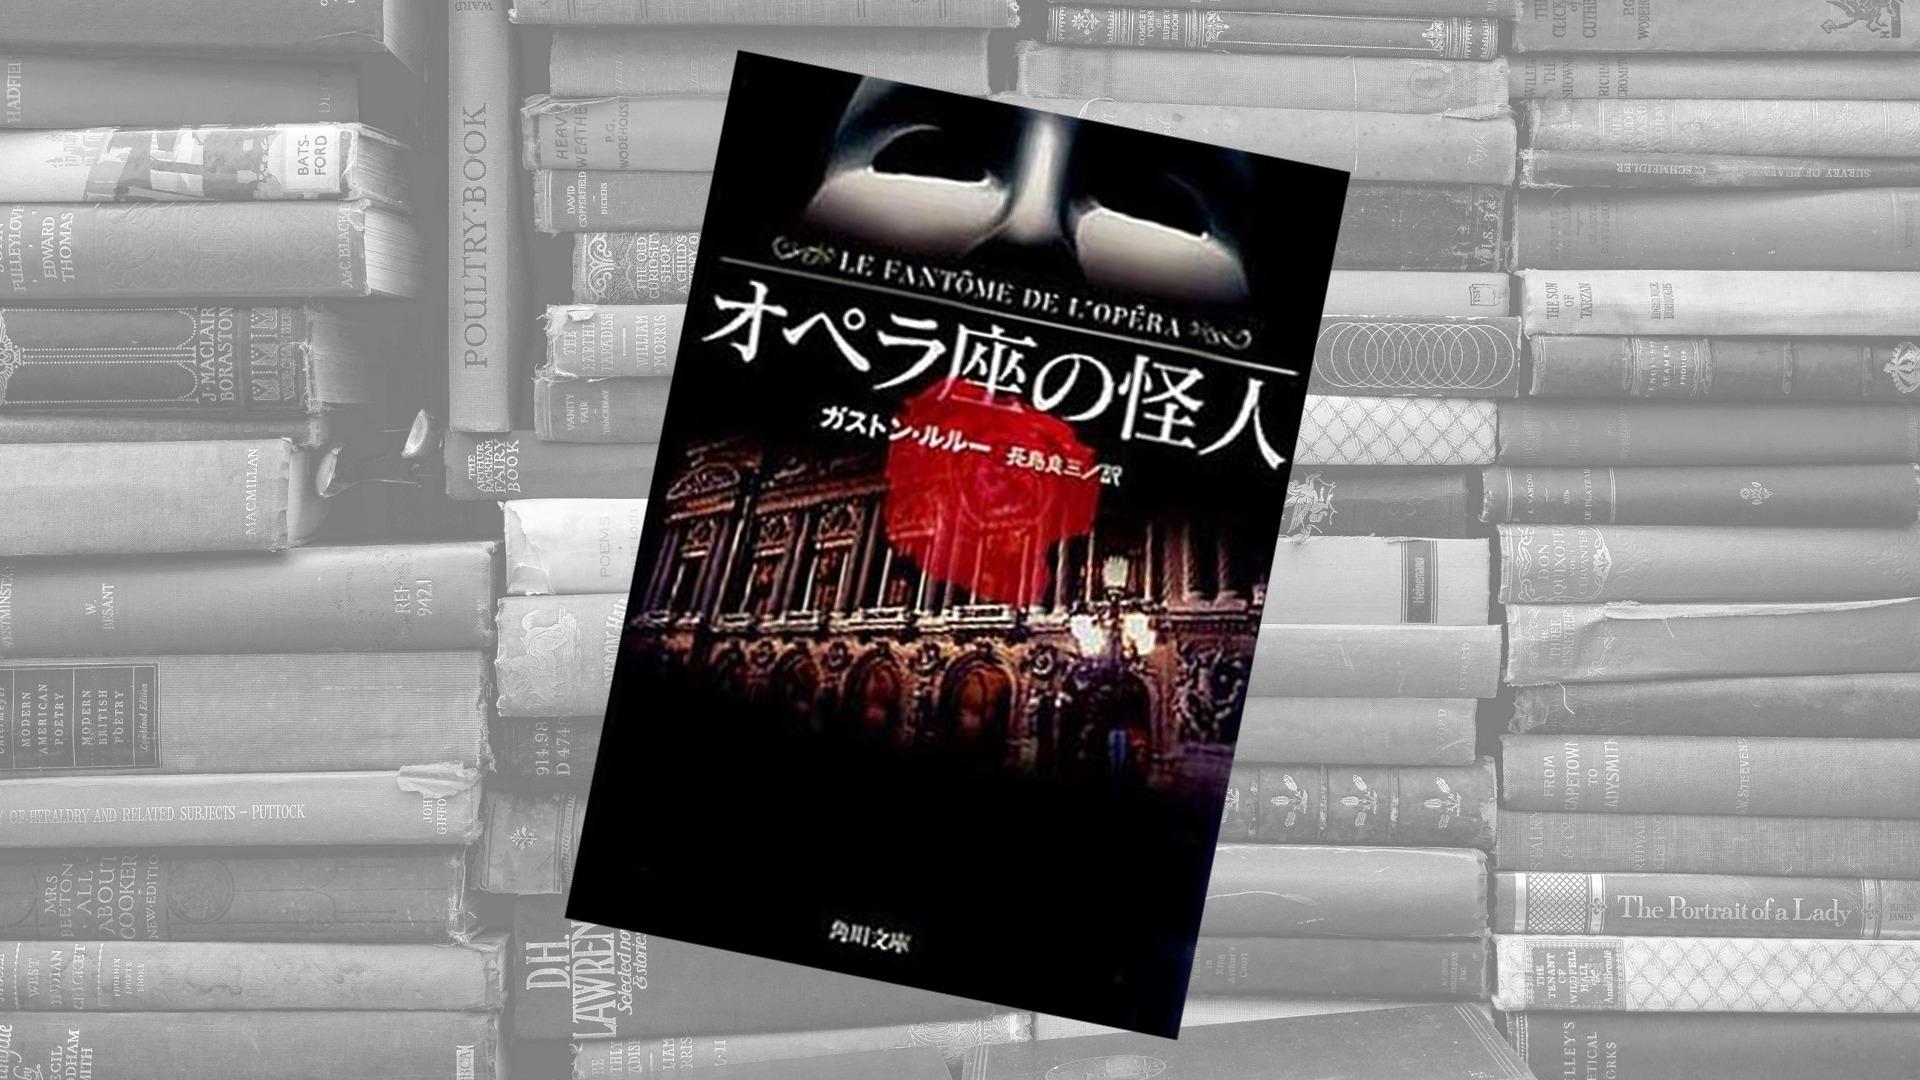 【オペラ座の怪人】ガストン・ルルー【小説】あらすじ 感想 など